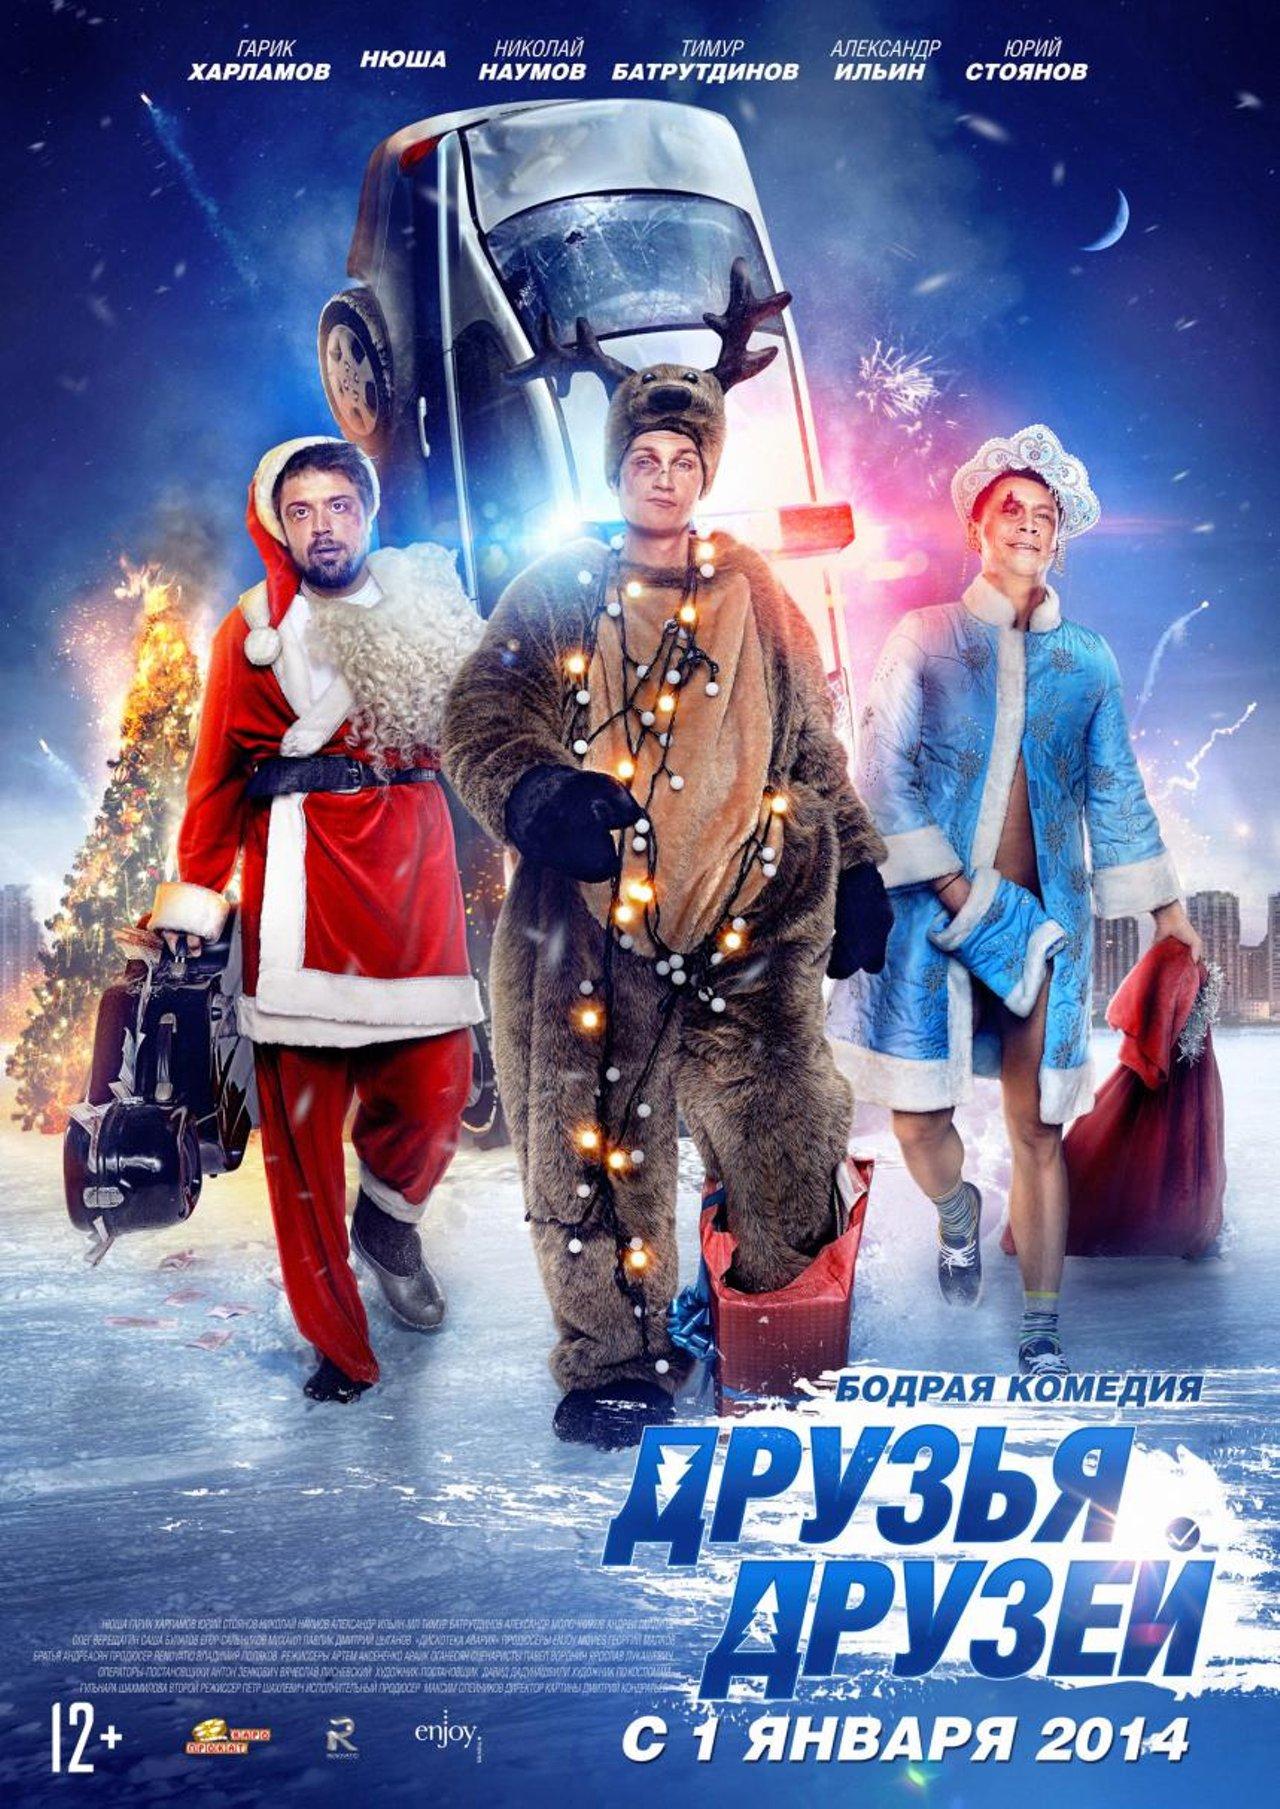 «Смотреть Онлайн Фильм Одноклассники Русский 2013» — 2013